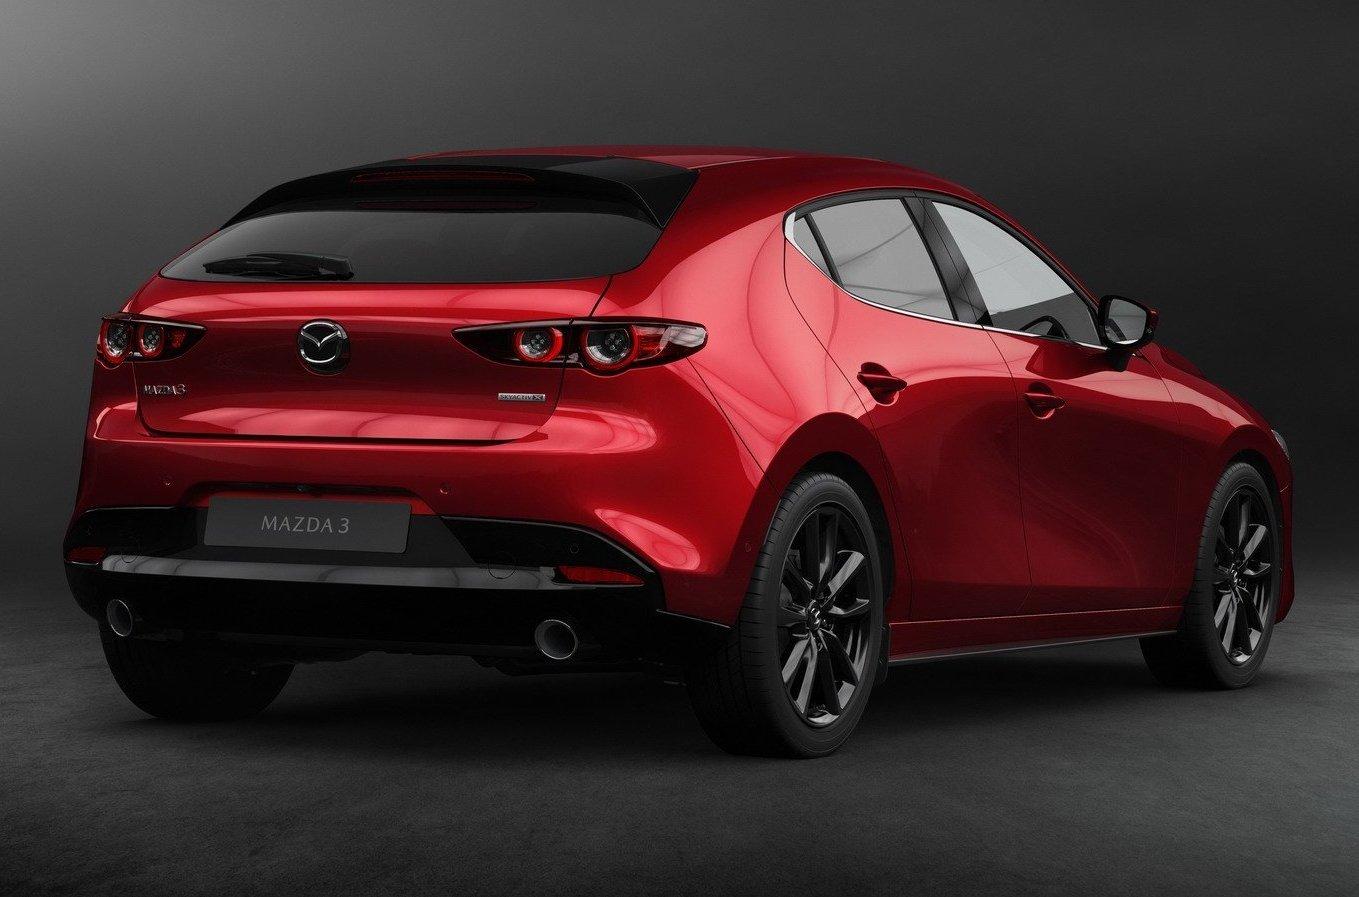 Đuôi xe thể thao của Mazda 3 2019.